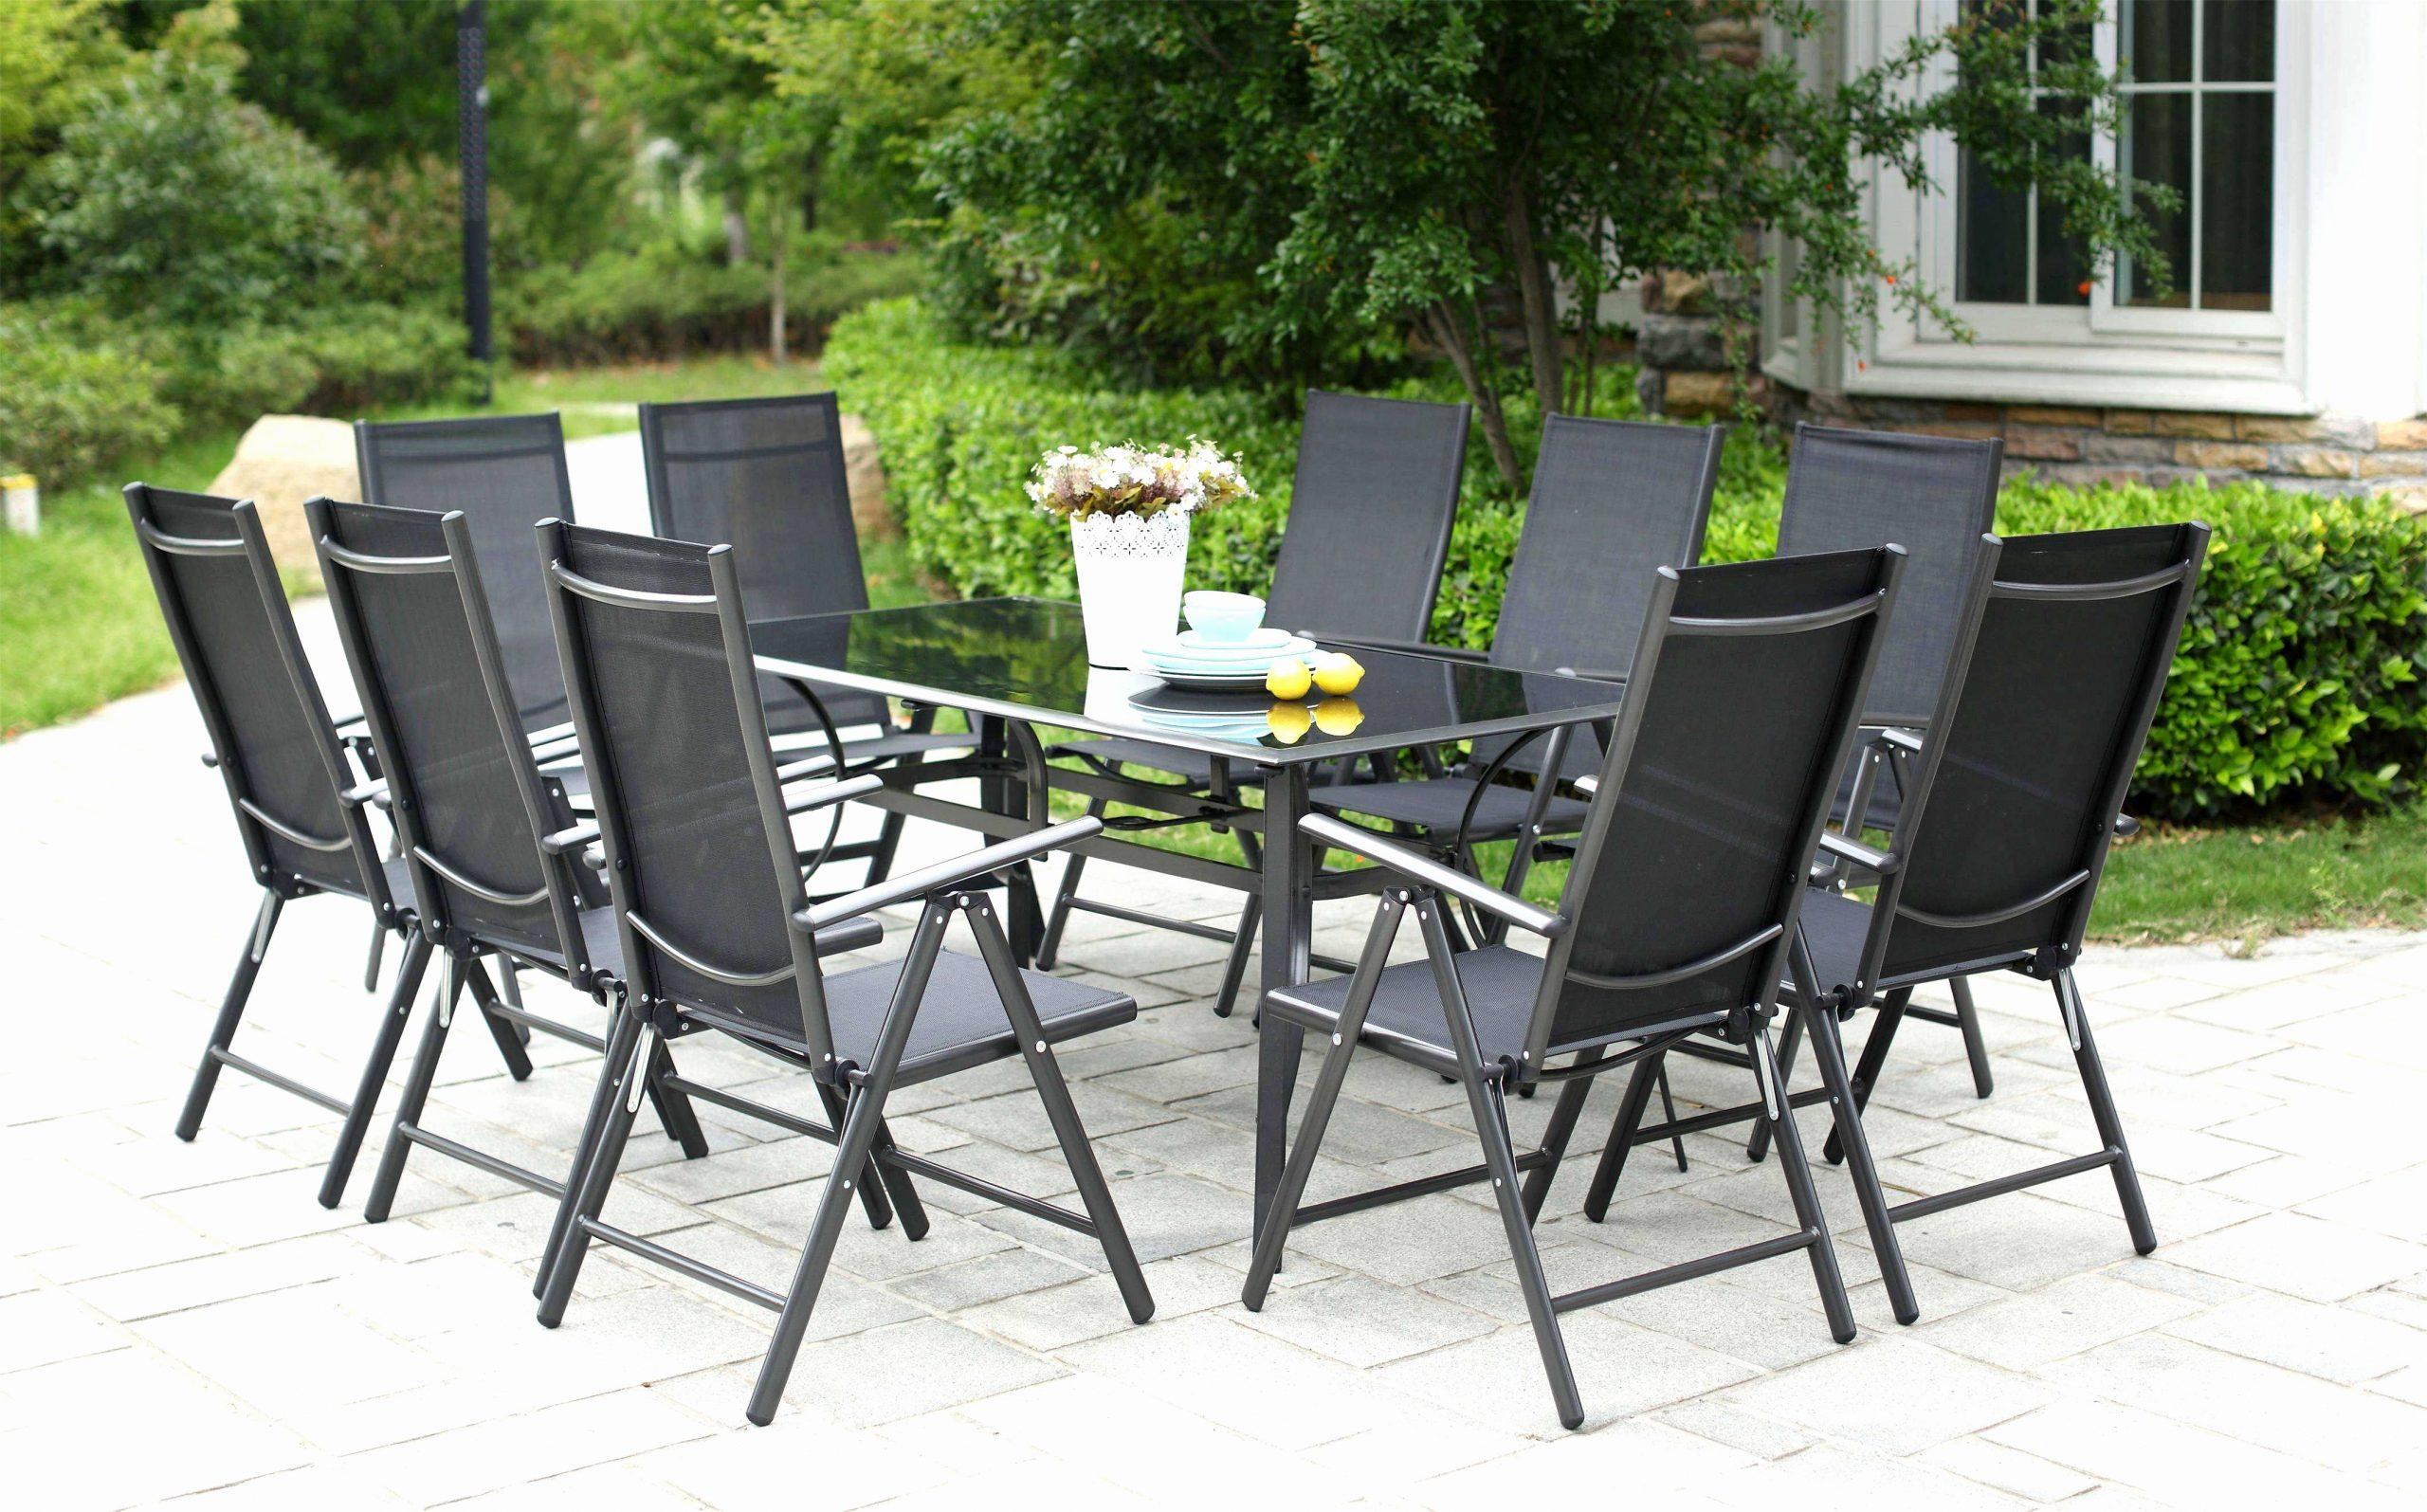 Salon De Jardin En Soldes Leclerc Nouveau Leclerc Table ... encequiconcerne Table De Jardin Magasin Leclerc